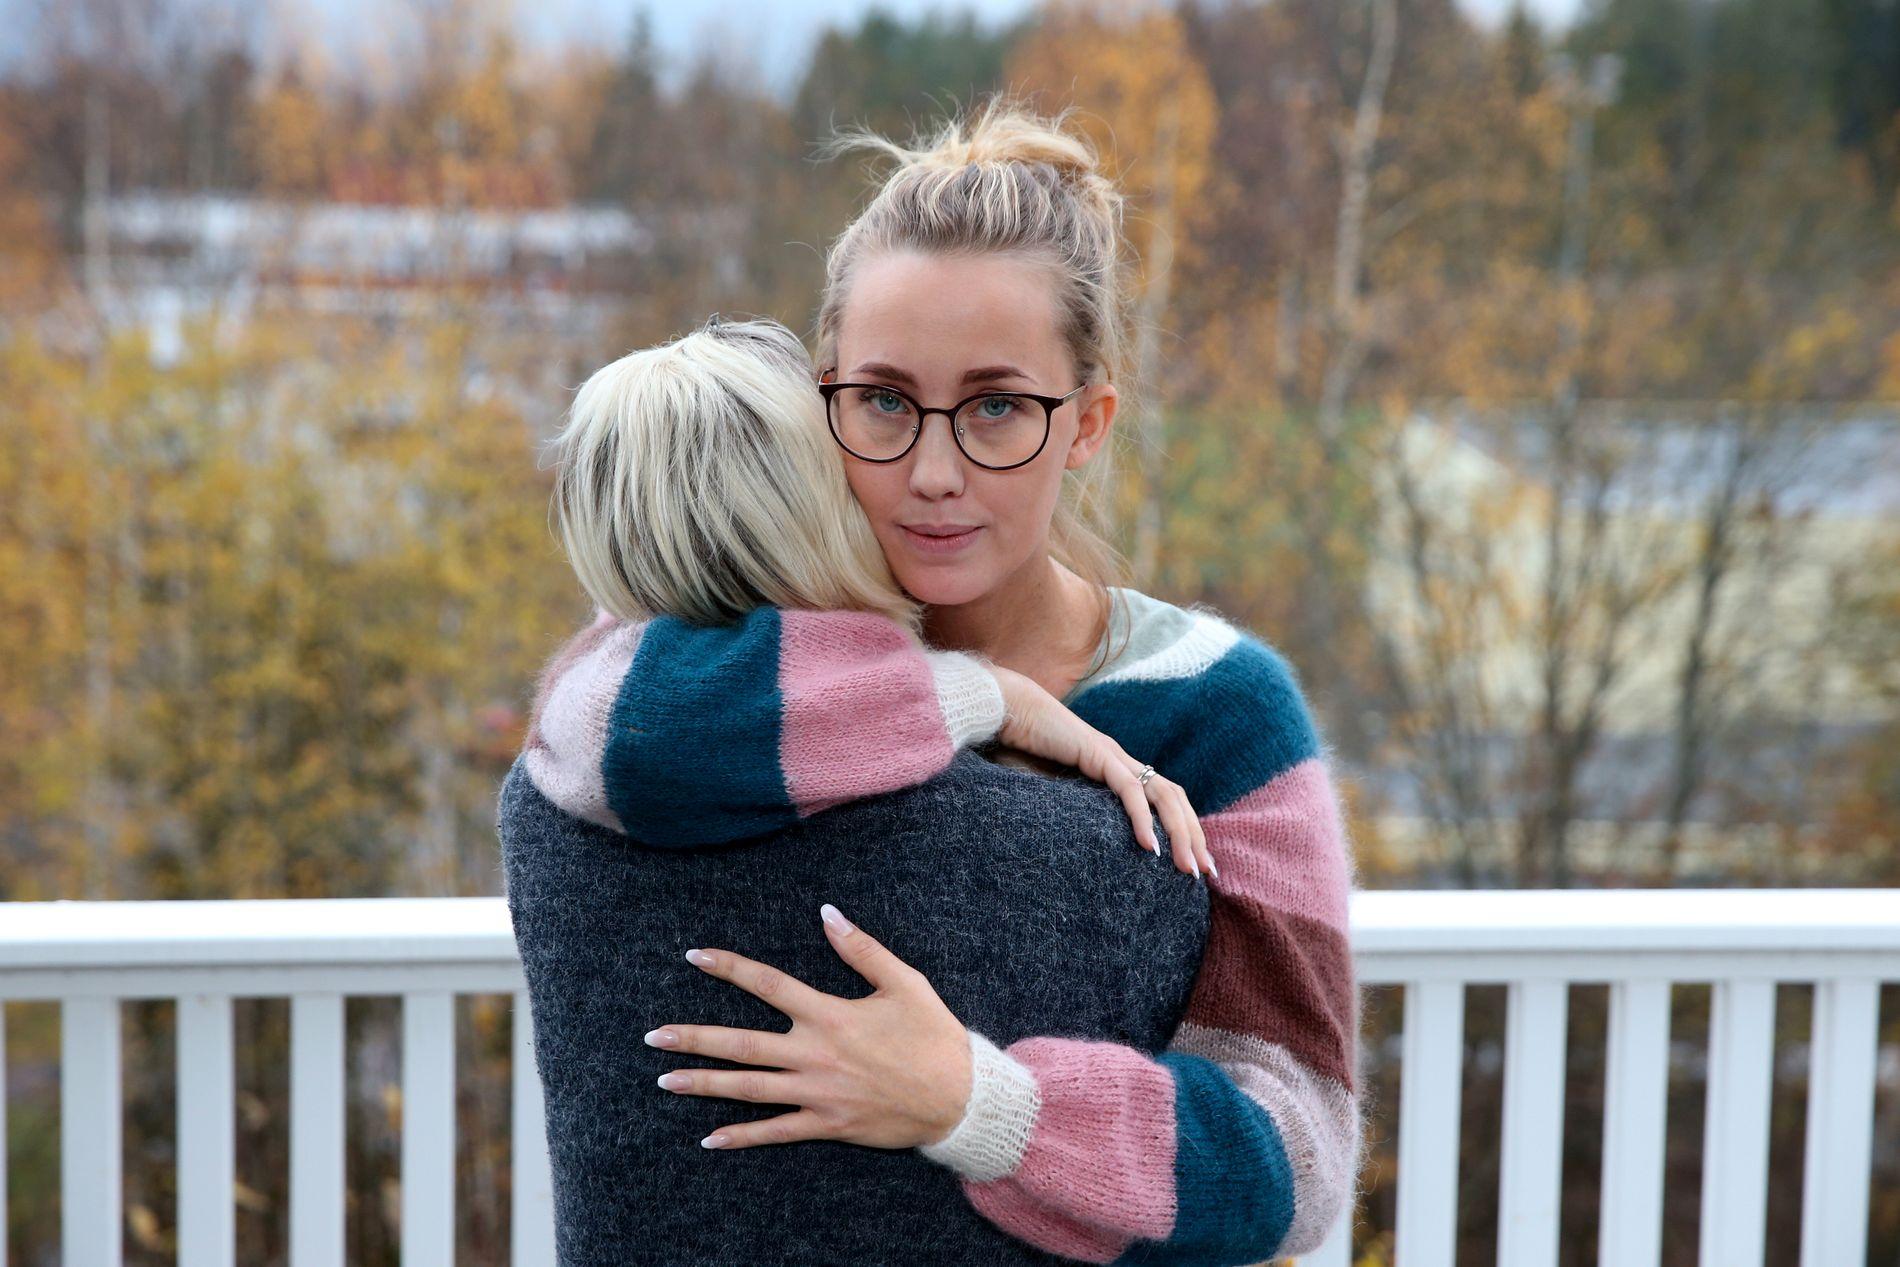 SAMME BARNEHAGE: Linn-Merita Tobiassen og Maria (som ikke ønsker å stå frem med bilde) har sønnene i samme barnehage. De møttes likevel ikke før Tobiassen startet å samle inn penger til kreftbehandlingen til Maria.